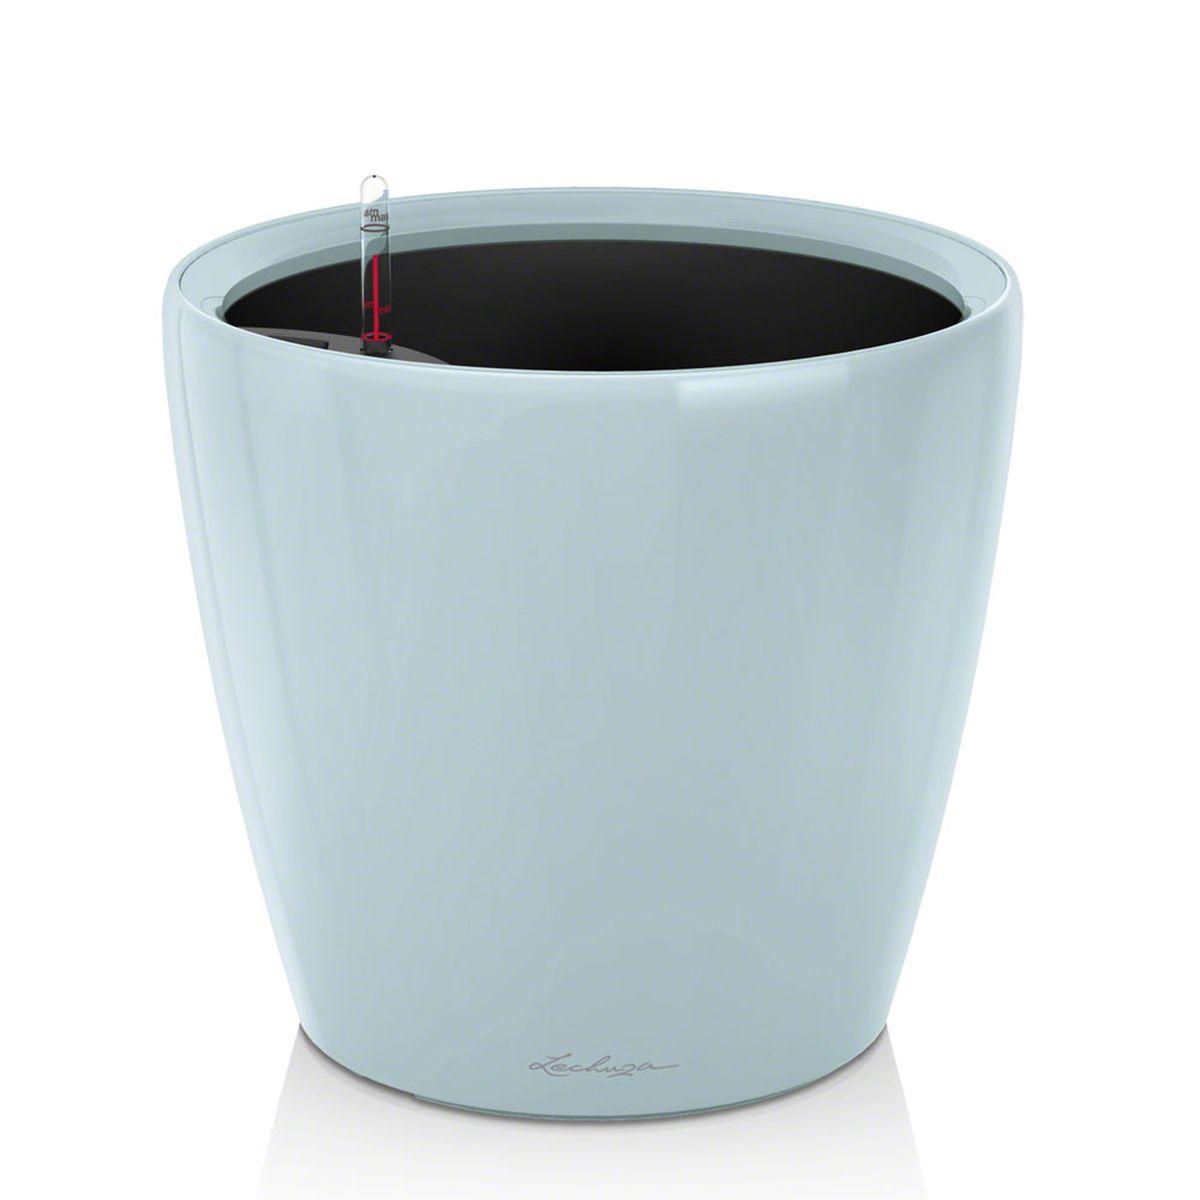 Кашпо Lechuza Classico, с системой автополива, цвет: голубой, диаметр 21 см16022Кашпо Lechuza Classico, выполненное из высококачественного пластика, имеет уникальную систему автополива, благодаря которой корневая система растения непрерывно снабжается влагой из резервуара. Уровень воды в резервуаре контролируется с помощью специального индикатора. В зависимости от размера кашпо и растения воды хватает на 2-12 недель. Это способствует хорошему росту цветов и предотвращает переувлажнение. В набор входит: кашпо, внутренний горшок, индикатор уровня воды, резервуар для воды. Внутренний горшок, оснащенный выдвижными ручками, обеспечивает: - легкую переноску даже высоких растений; - легкую смену растений; - можно также просто убрать растения на зиму; - винт в днище позволяет стечь излишней дождевой воде наружу. Кашпо Lechuza Classico прекрасно впишется в интерьер больших холлов, террас, ресторанов и уютных гостиных. Изделие поможет расставить нужные акценты, а также придаст помещению вид, соответствующий вашим...